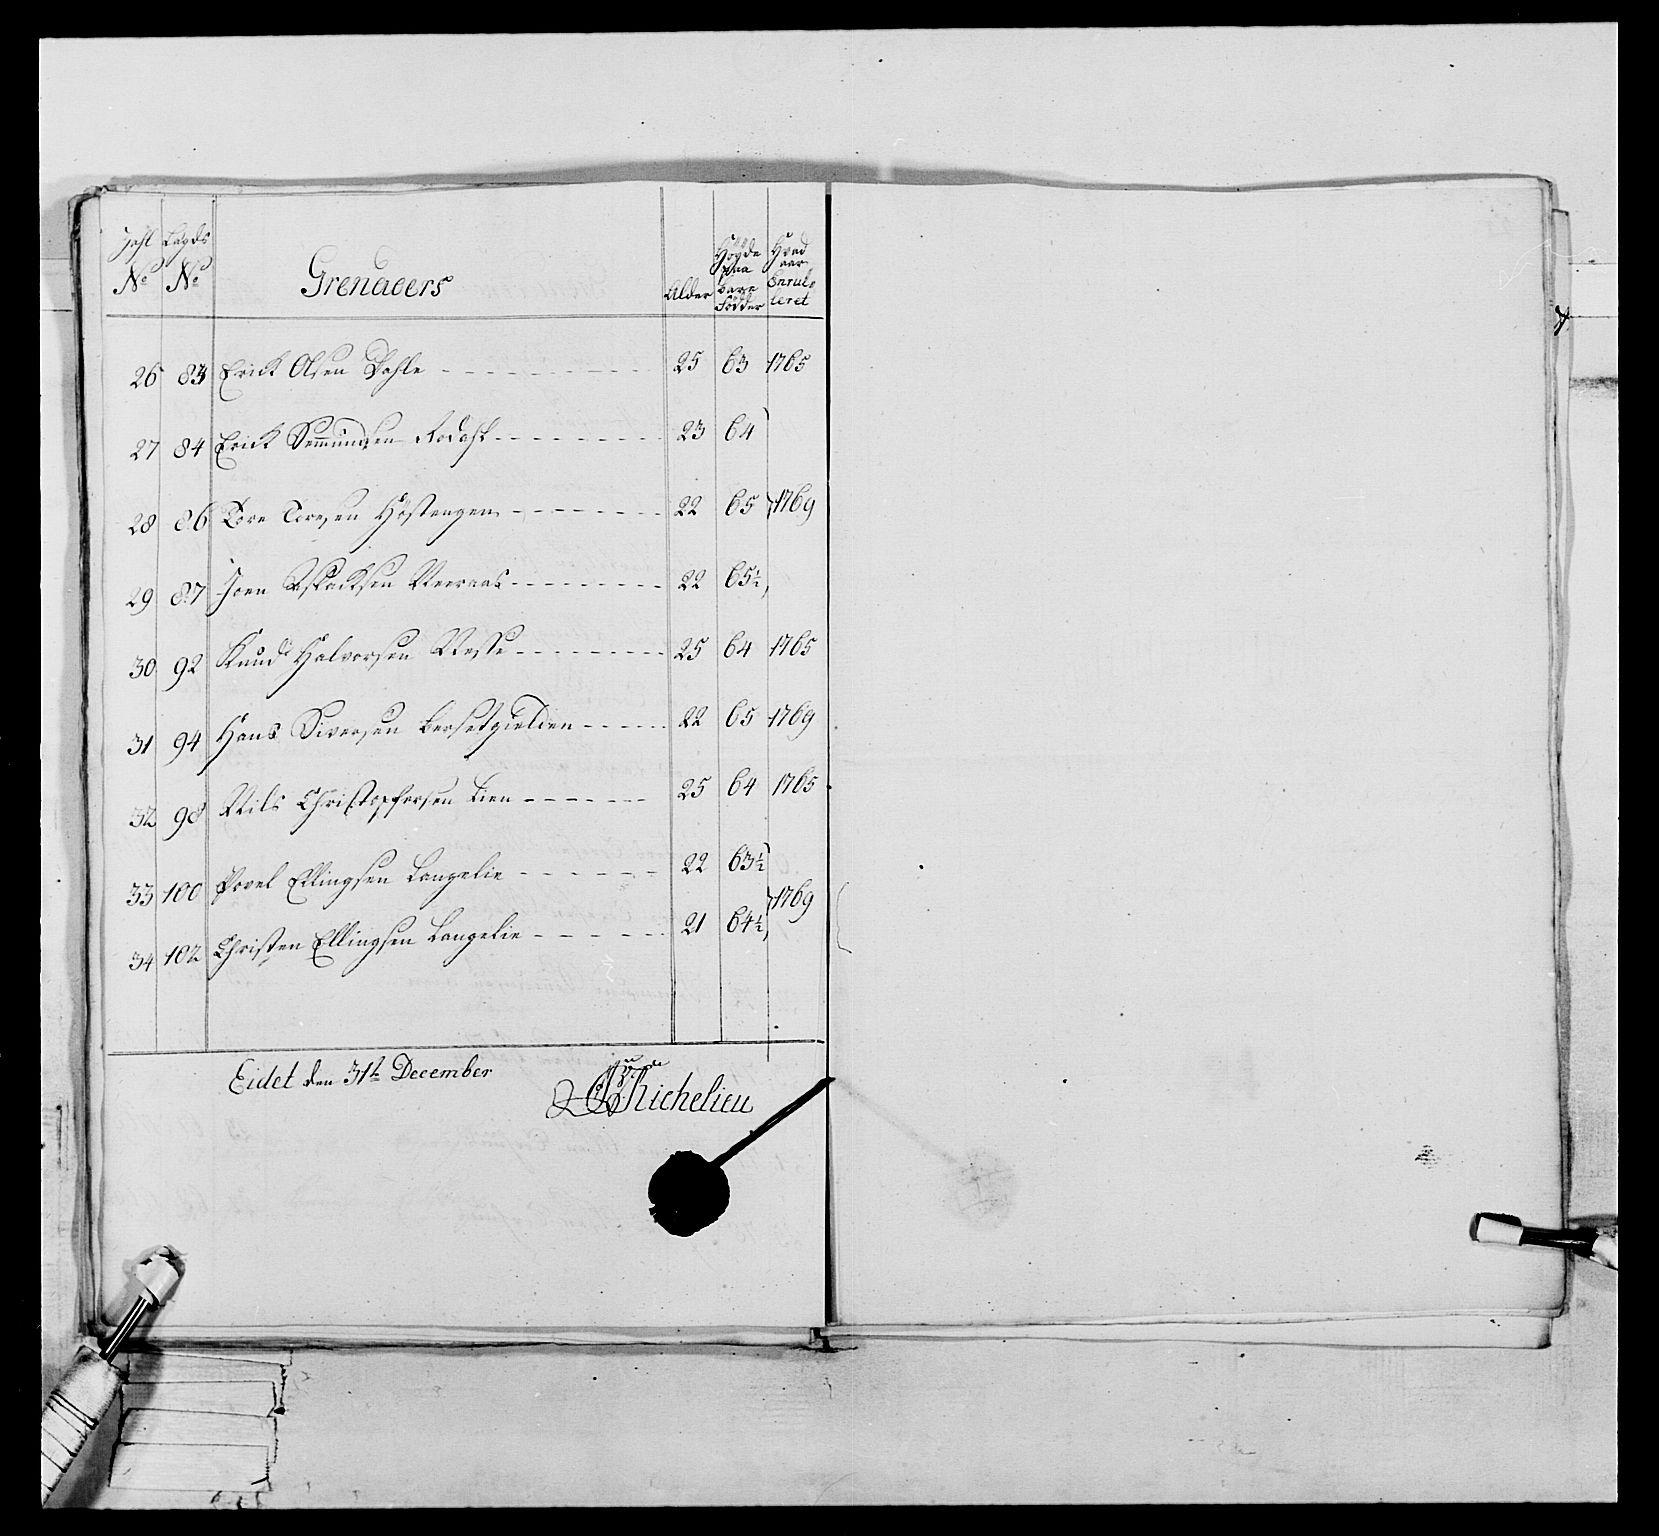 RA, Generalitets- og kommissariatskollegiet, Det kongelige norske kommissariatskollegium, E/Eh/L0076: 2. Trondheimske nasjonale infanteriregiment, 1766-1773, s. 58